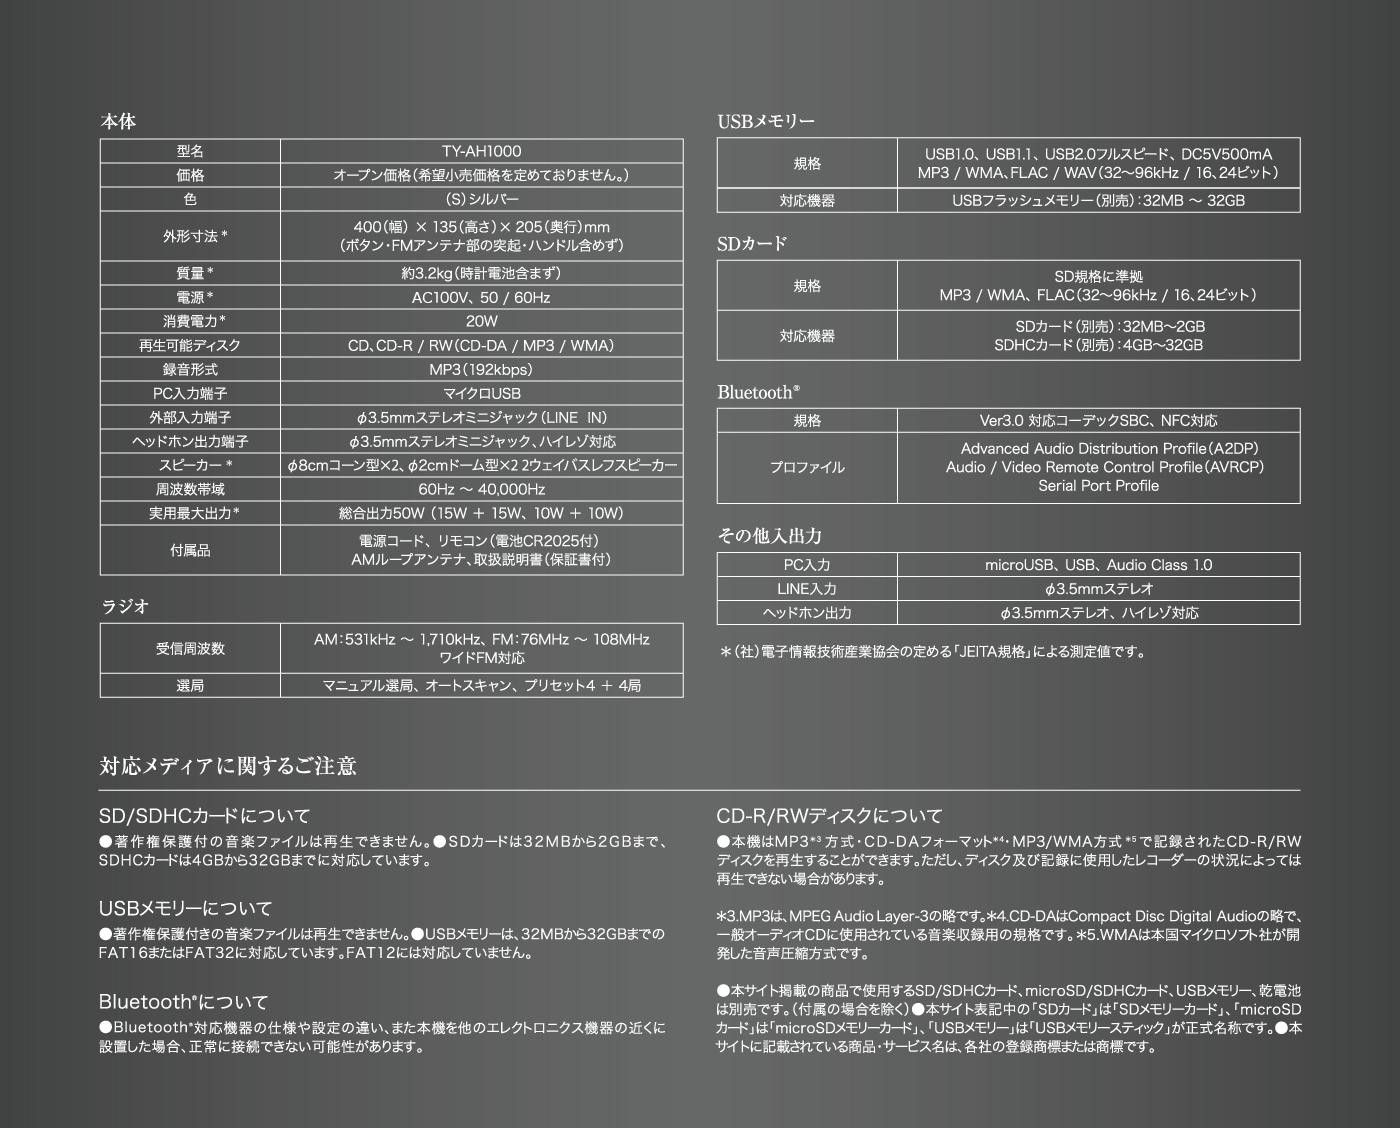 ハイレゾ対応sd Usb Cdラジオ Ty Ah1000 スペシャルサイト 東芝エルイートレーディング株式会社 ハイレゾ ラジオ 対応